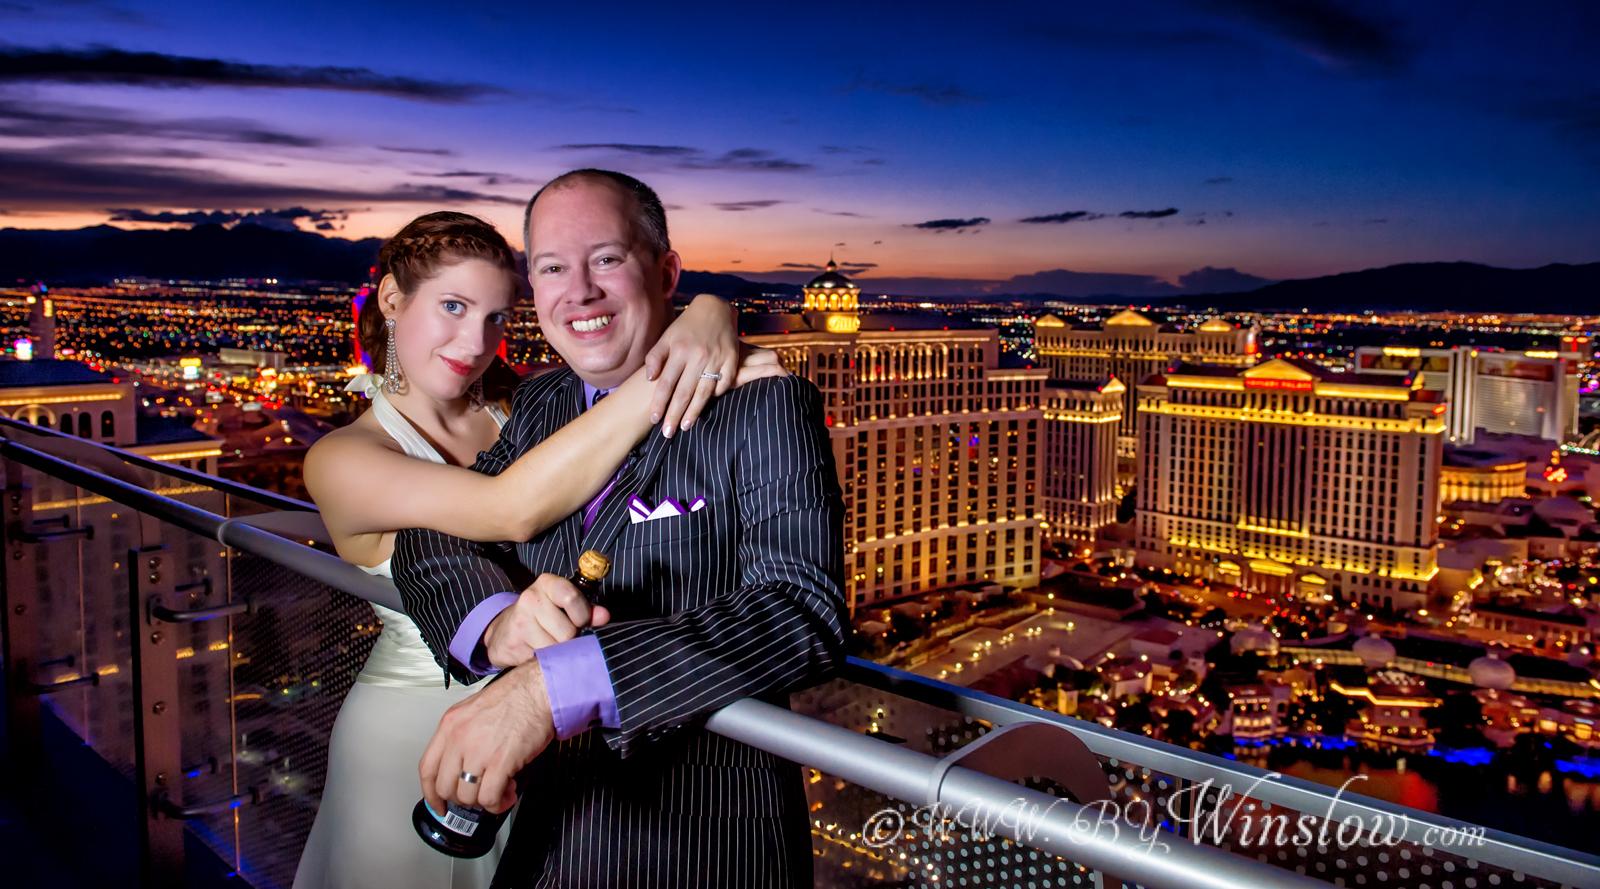 Garret Winslow- bywinslow.com Weddings130903-_G4W0330-Edit-3-Cosmo_Strip